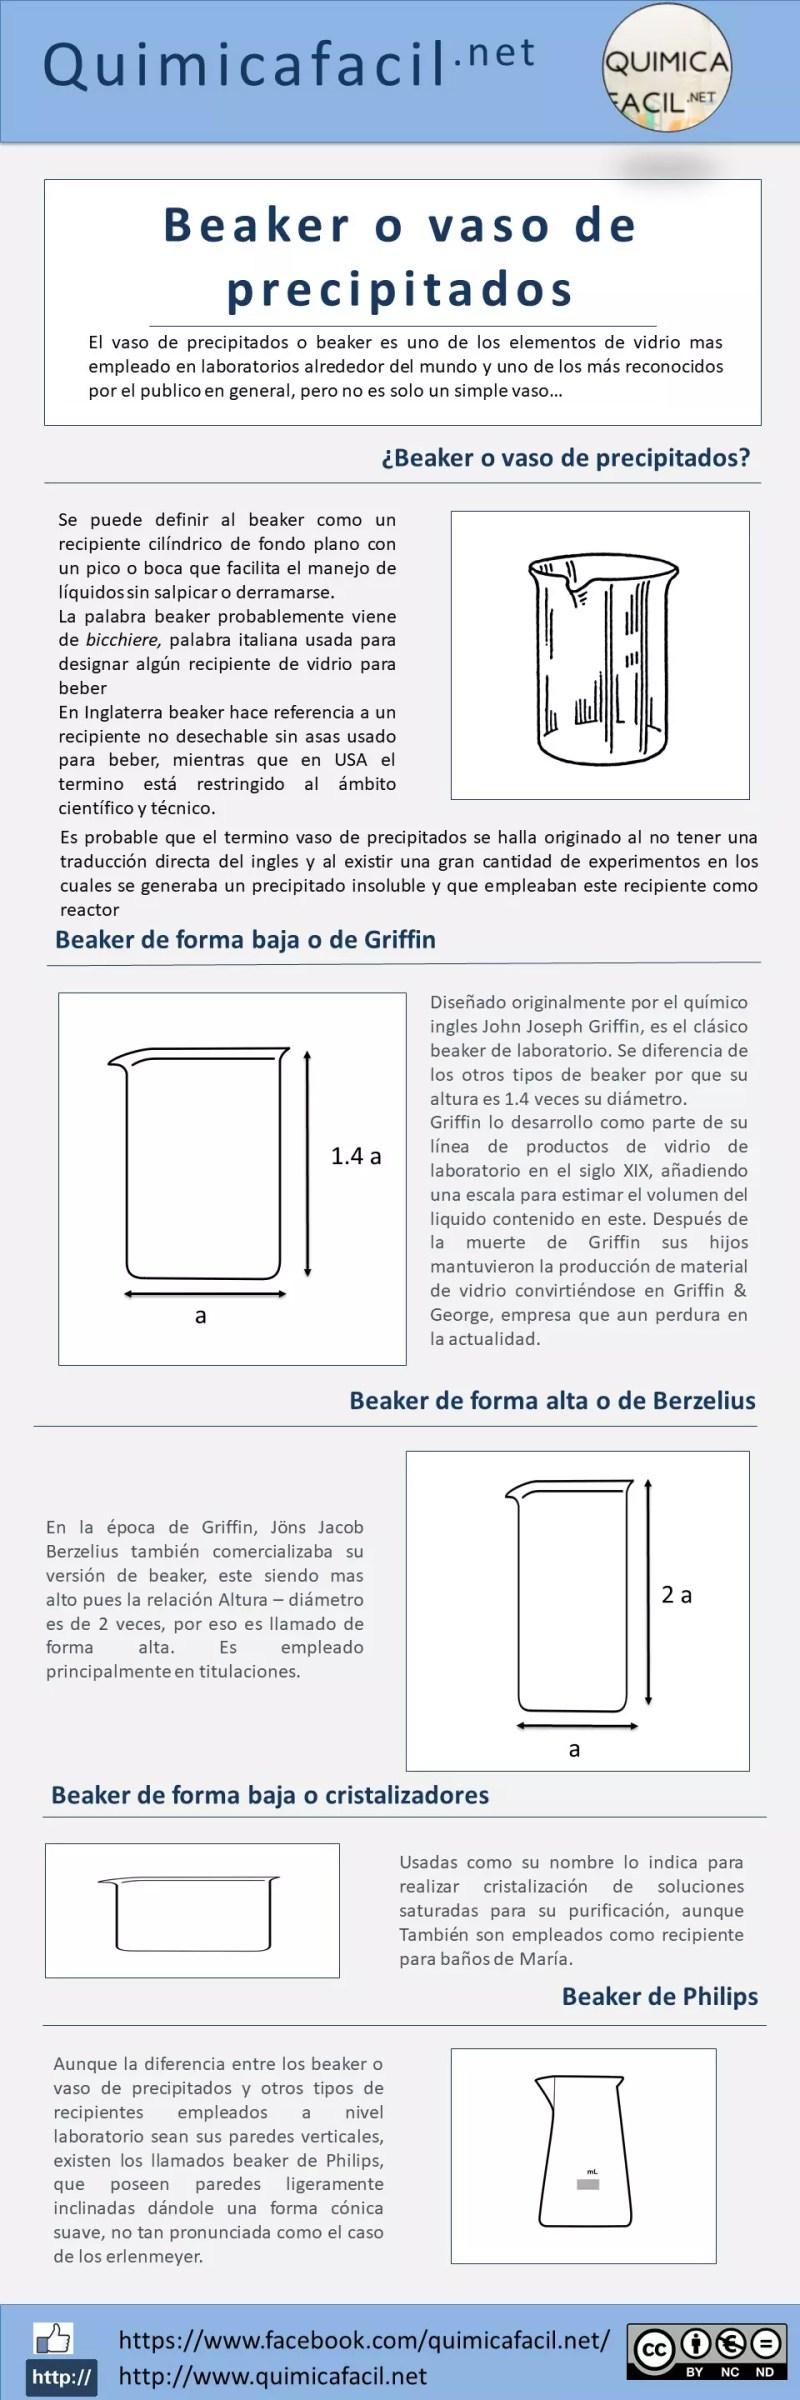 Infografia Beaker